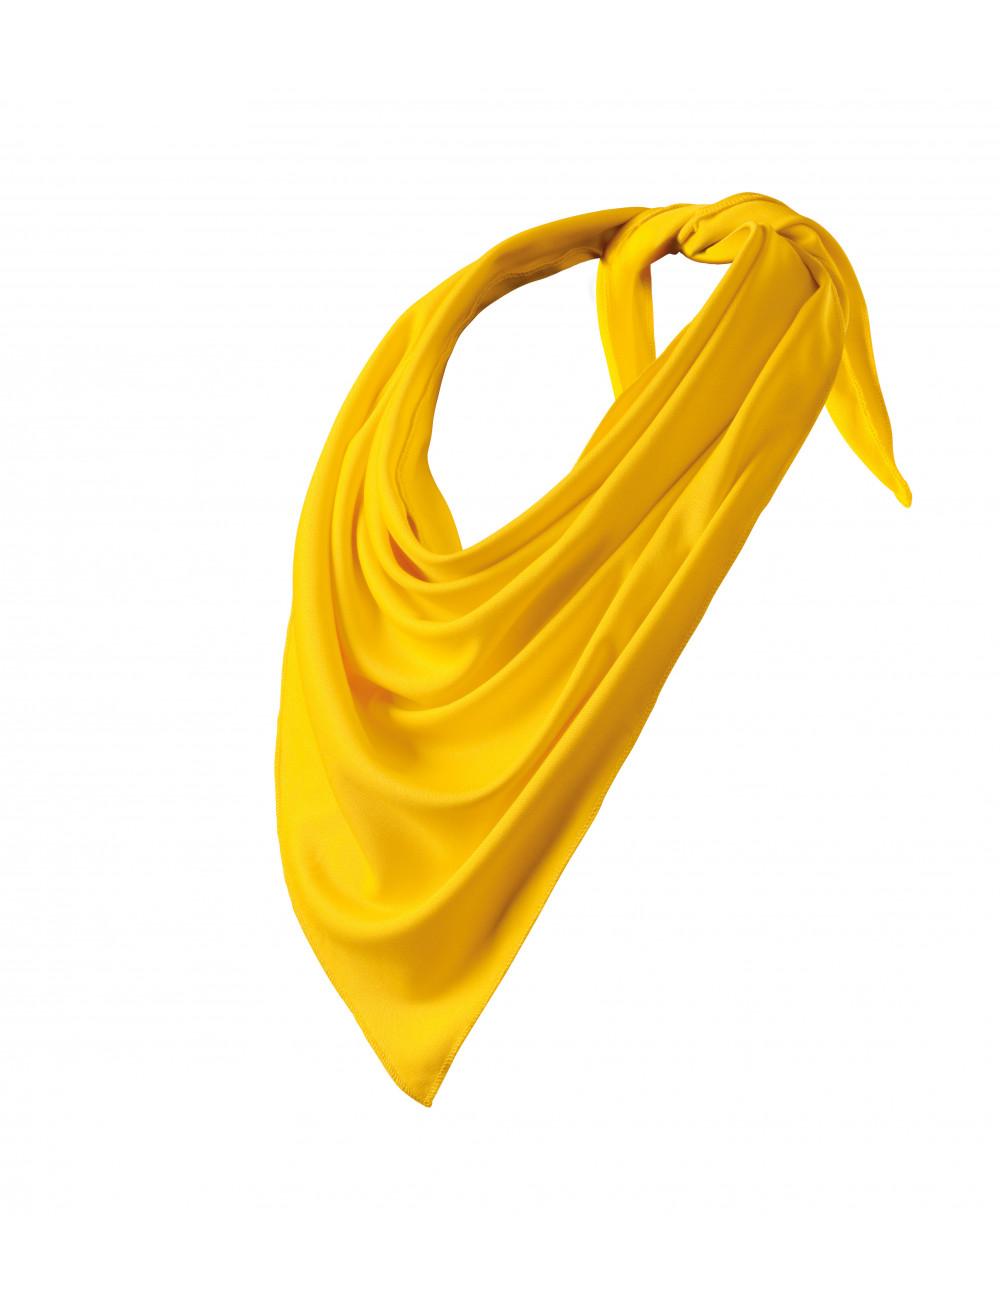 Adler MALFINI Scarf Unisex/Kids Relax 327 żółty